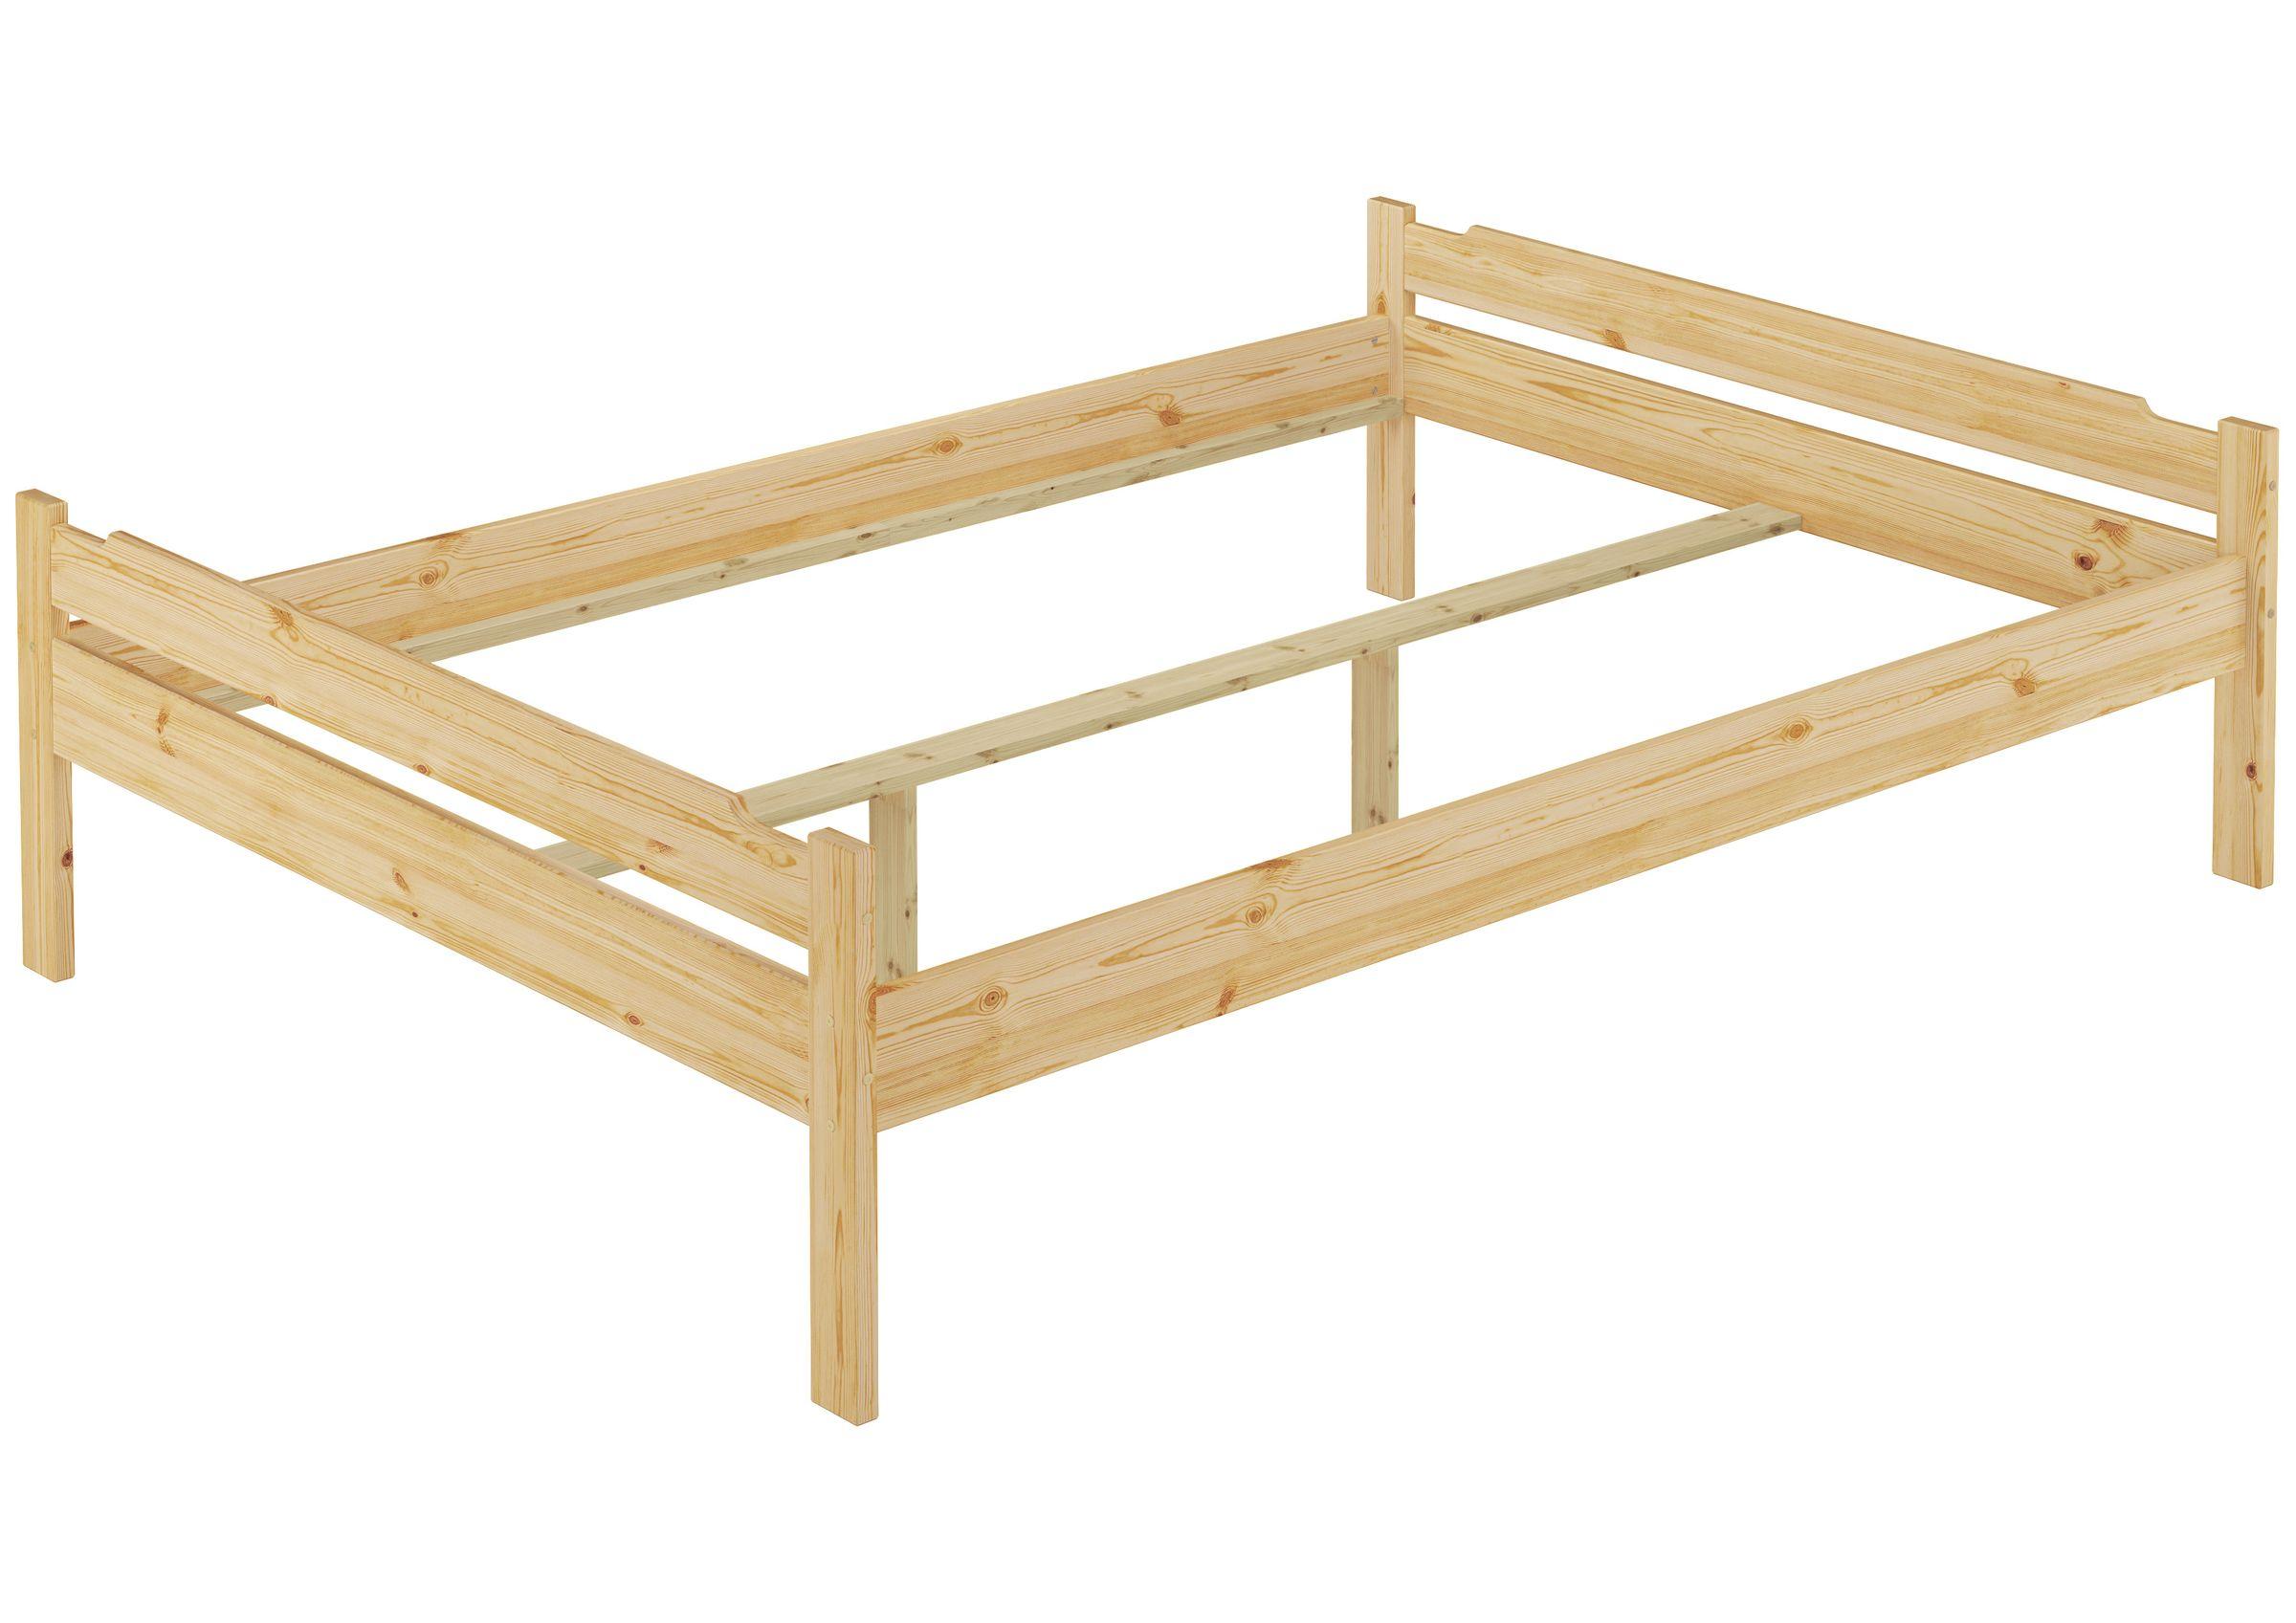 B Ware Möbel : b ware einzel bett kiefer natur 120x200 massivholzbett ~ Watch28wear.com Haus und Dekorationen